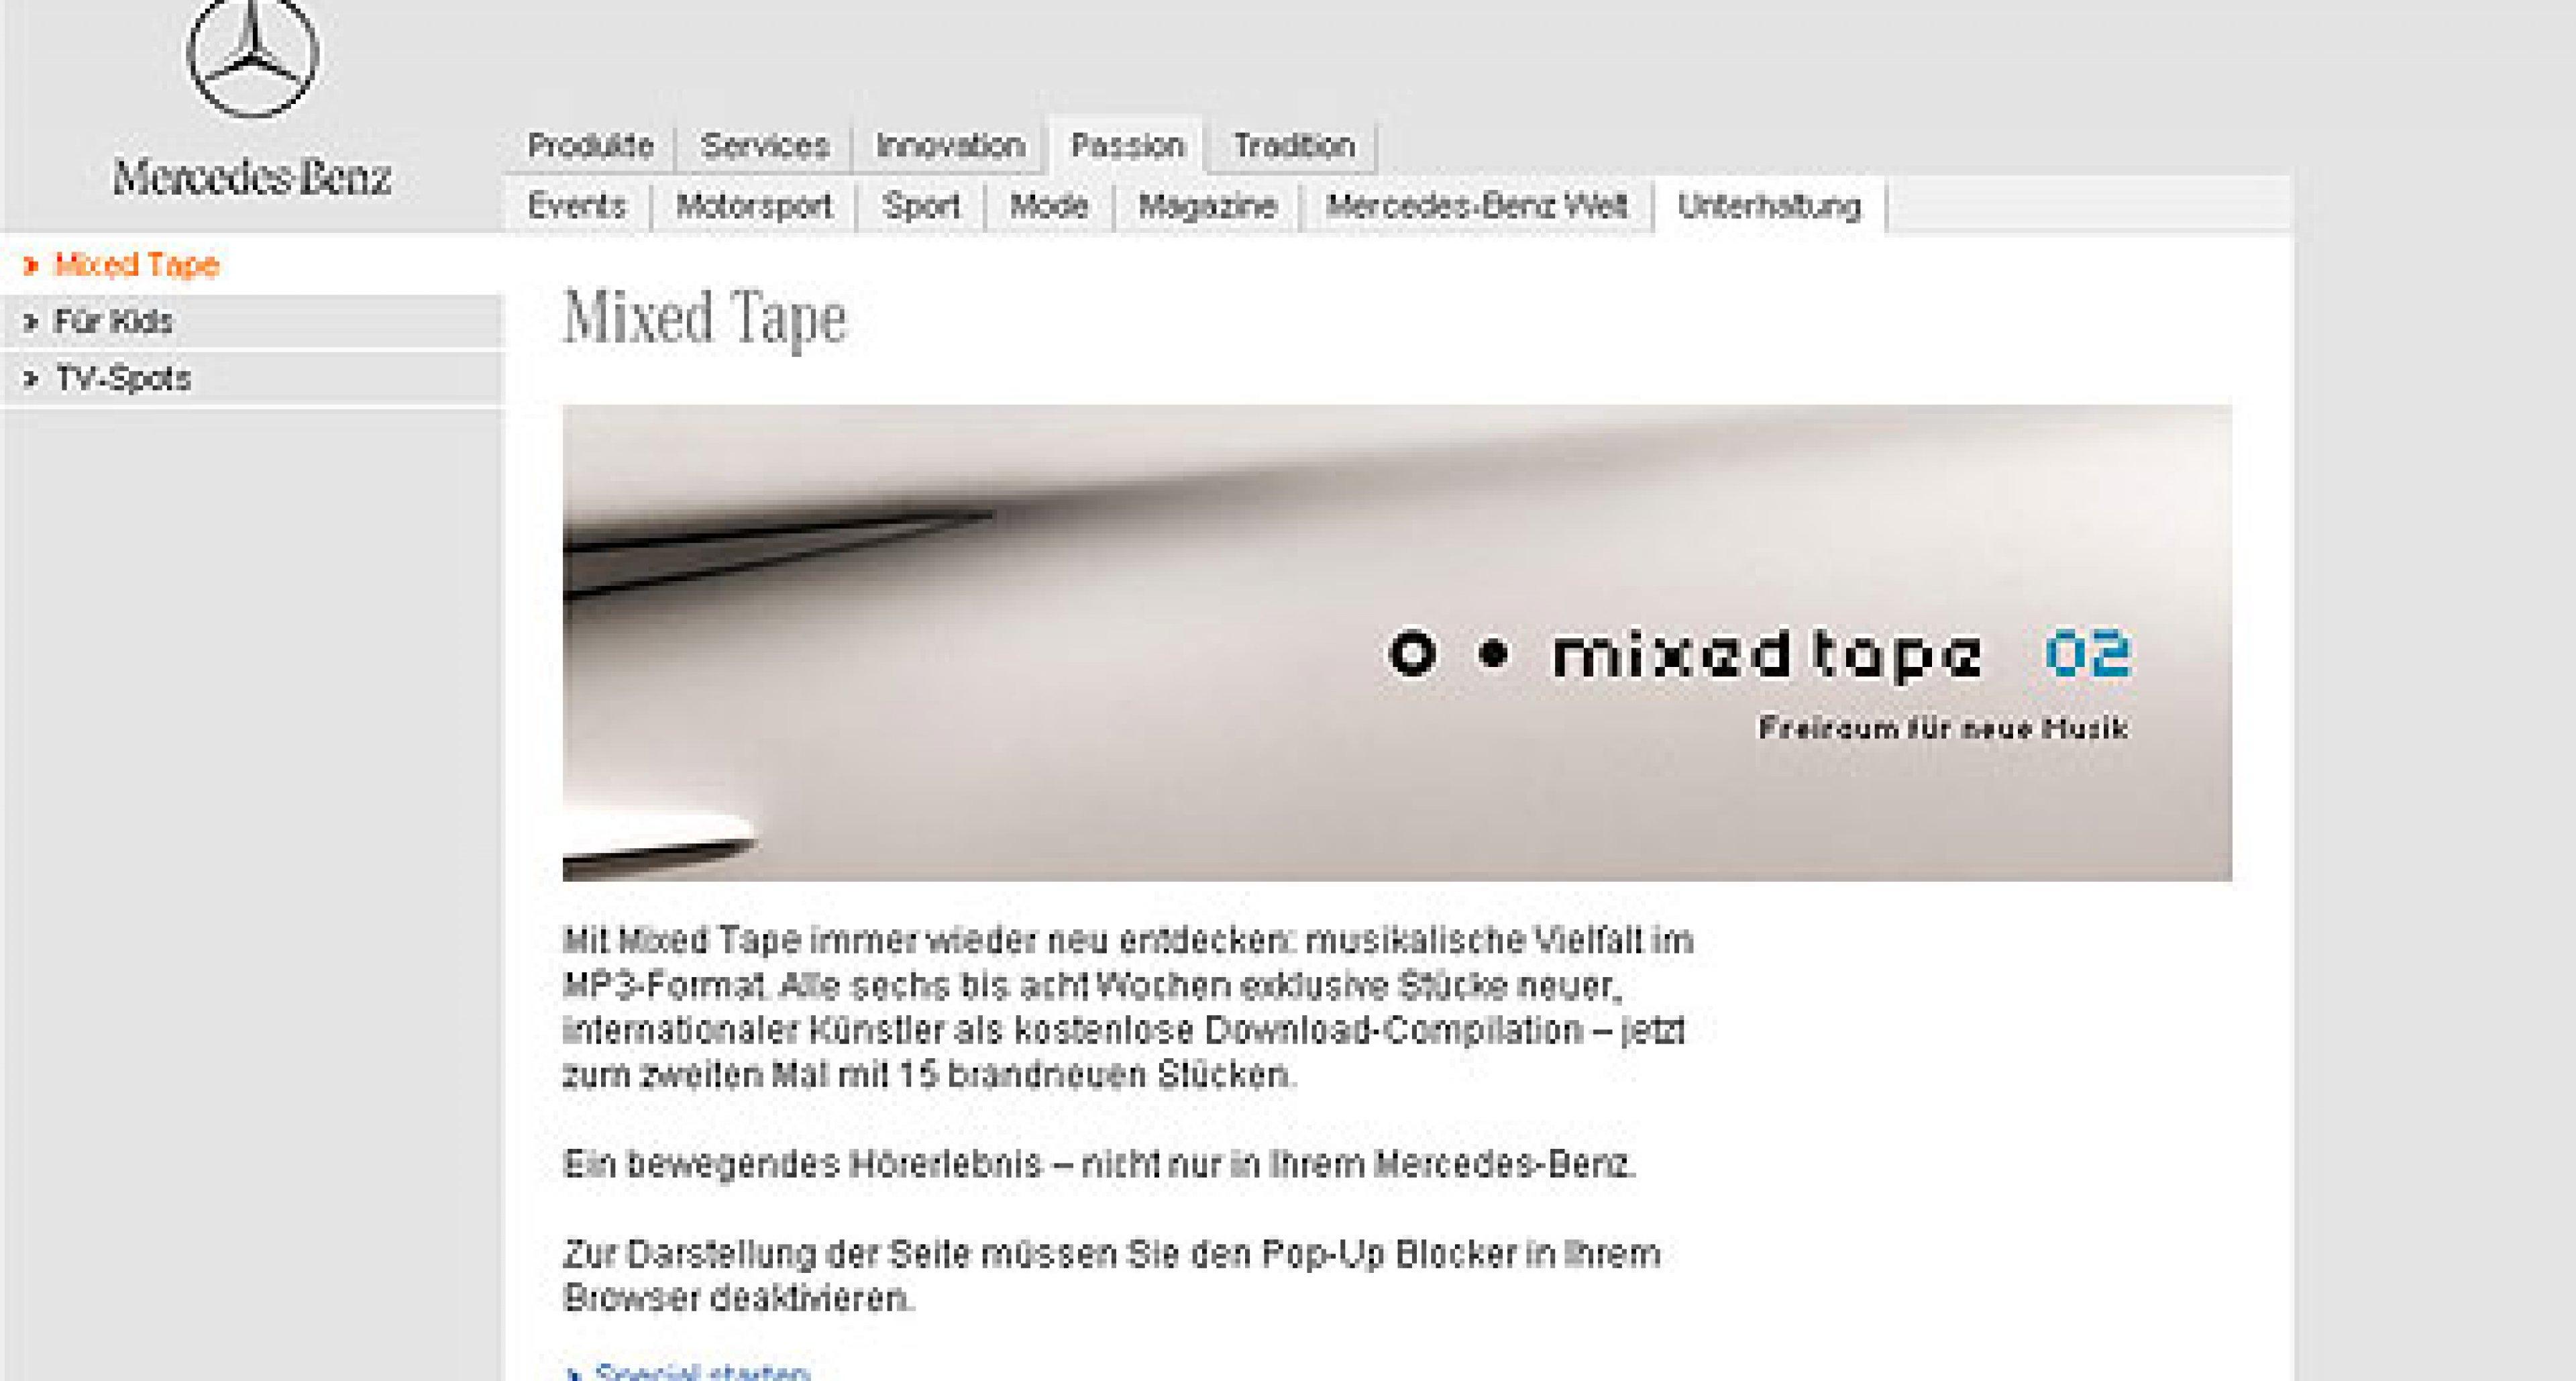 Mercedes-Benz: Kostenloser Musik-Download